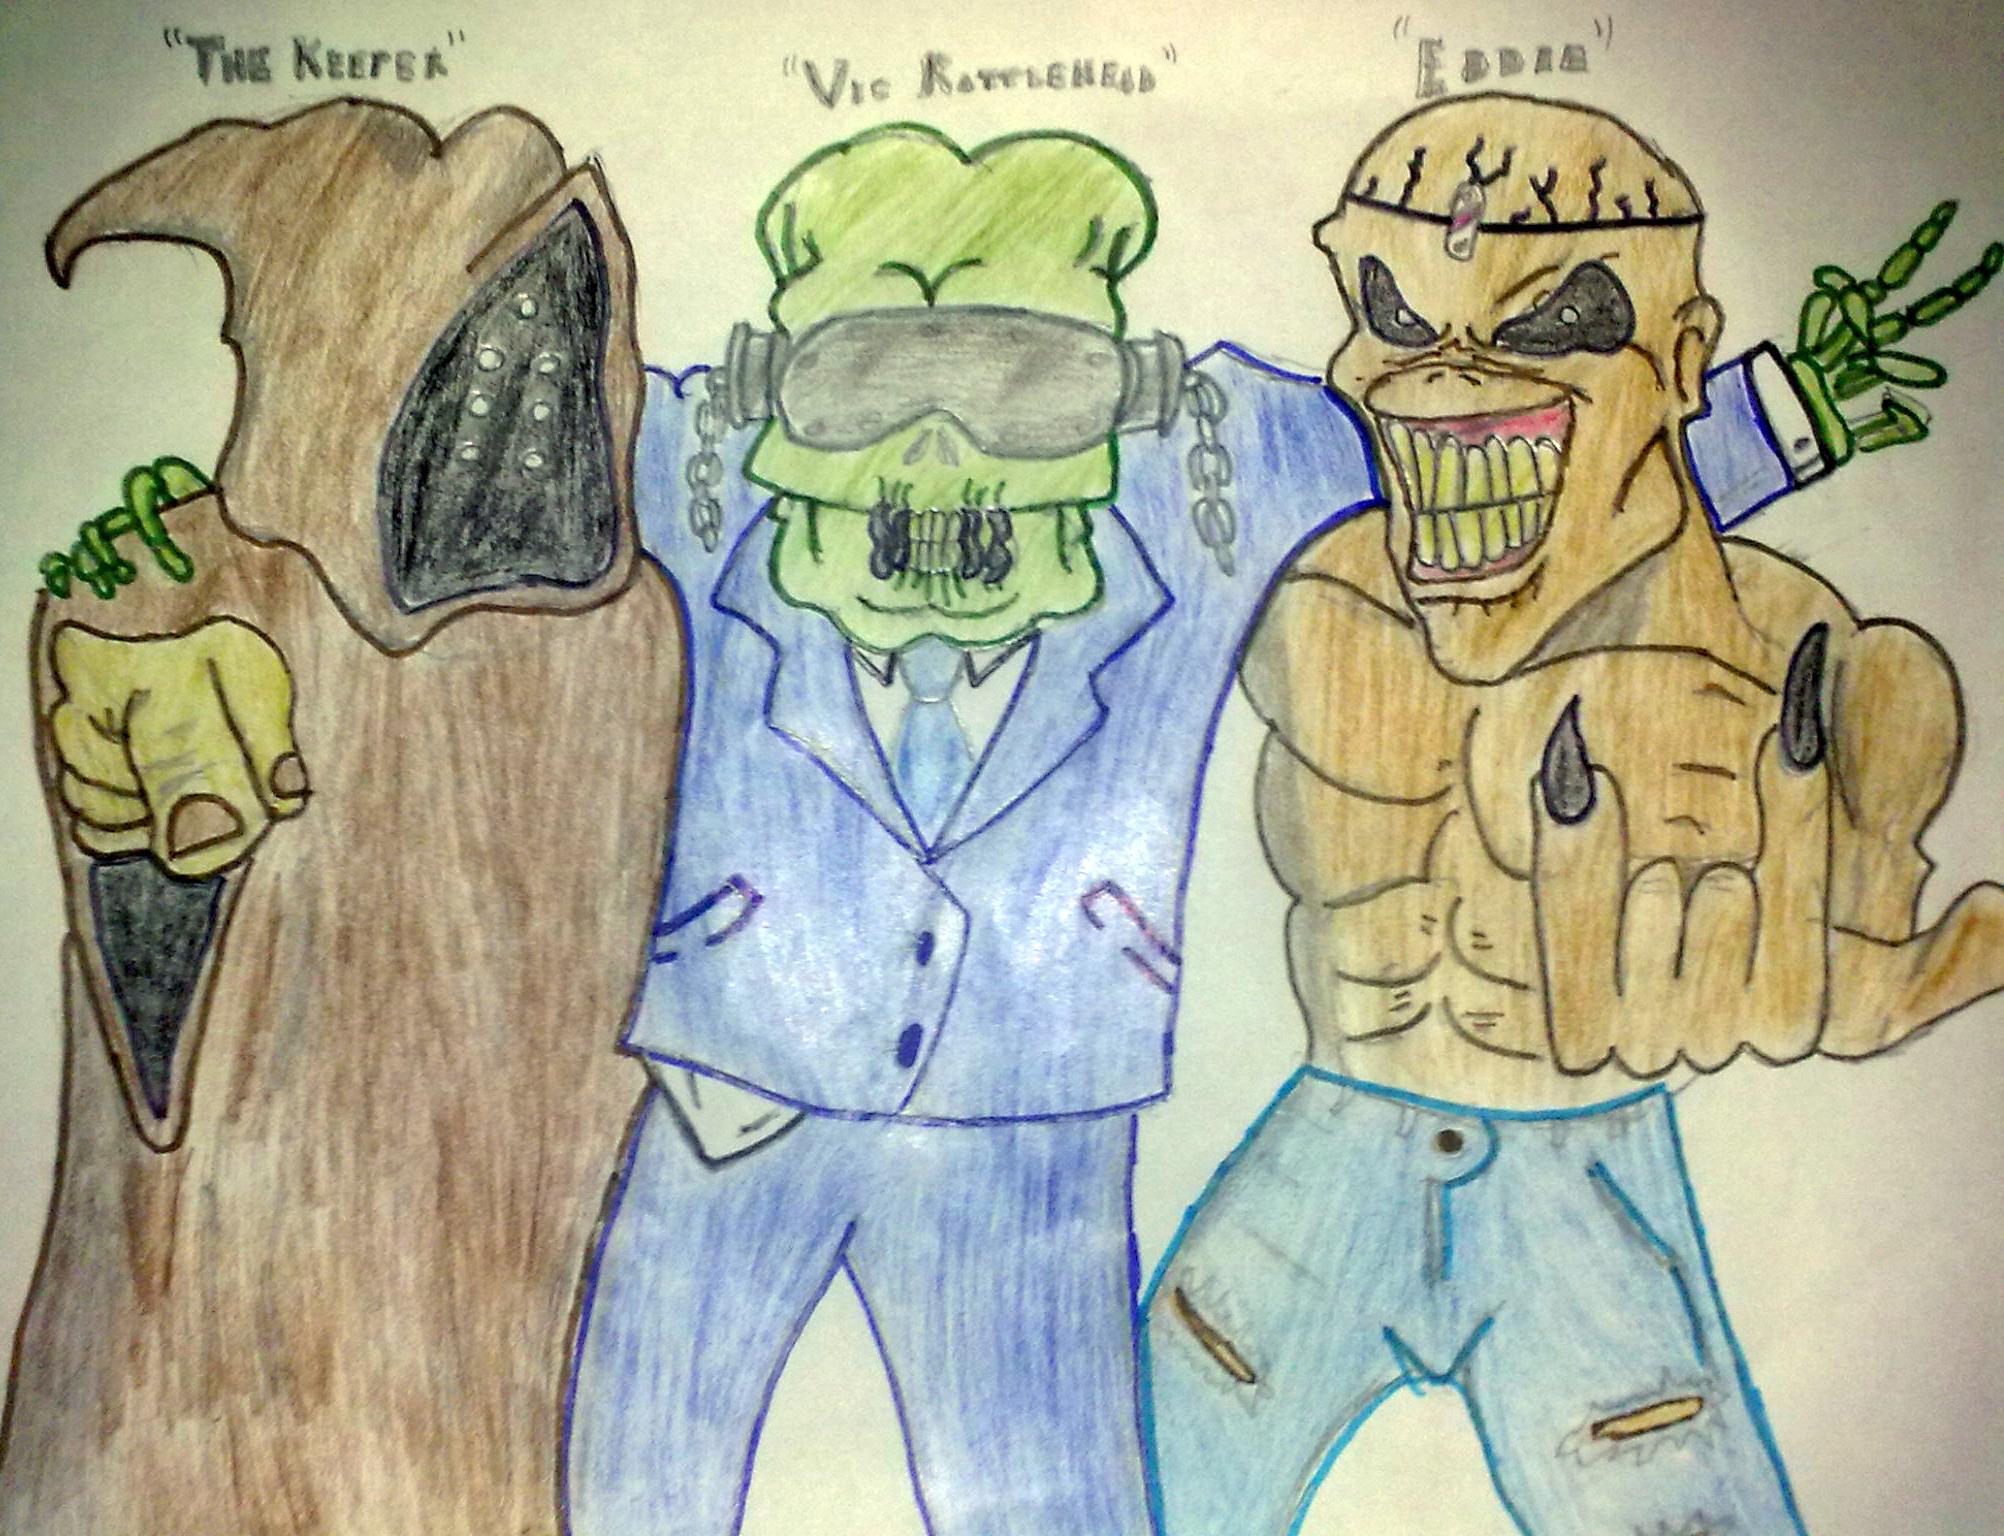 3 Metal Mascots